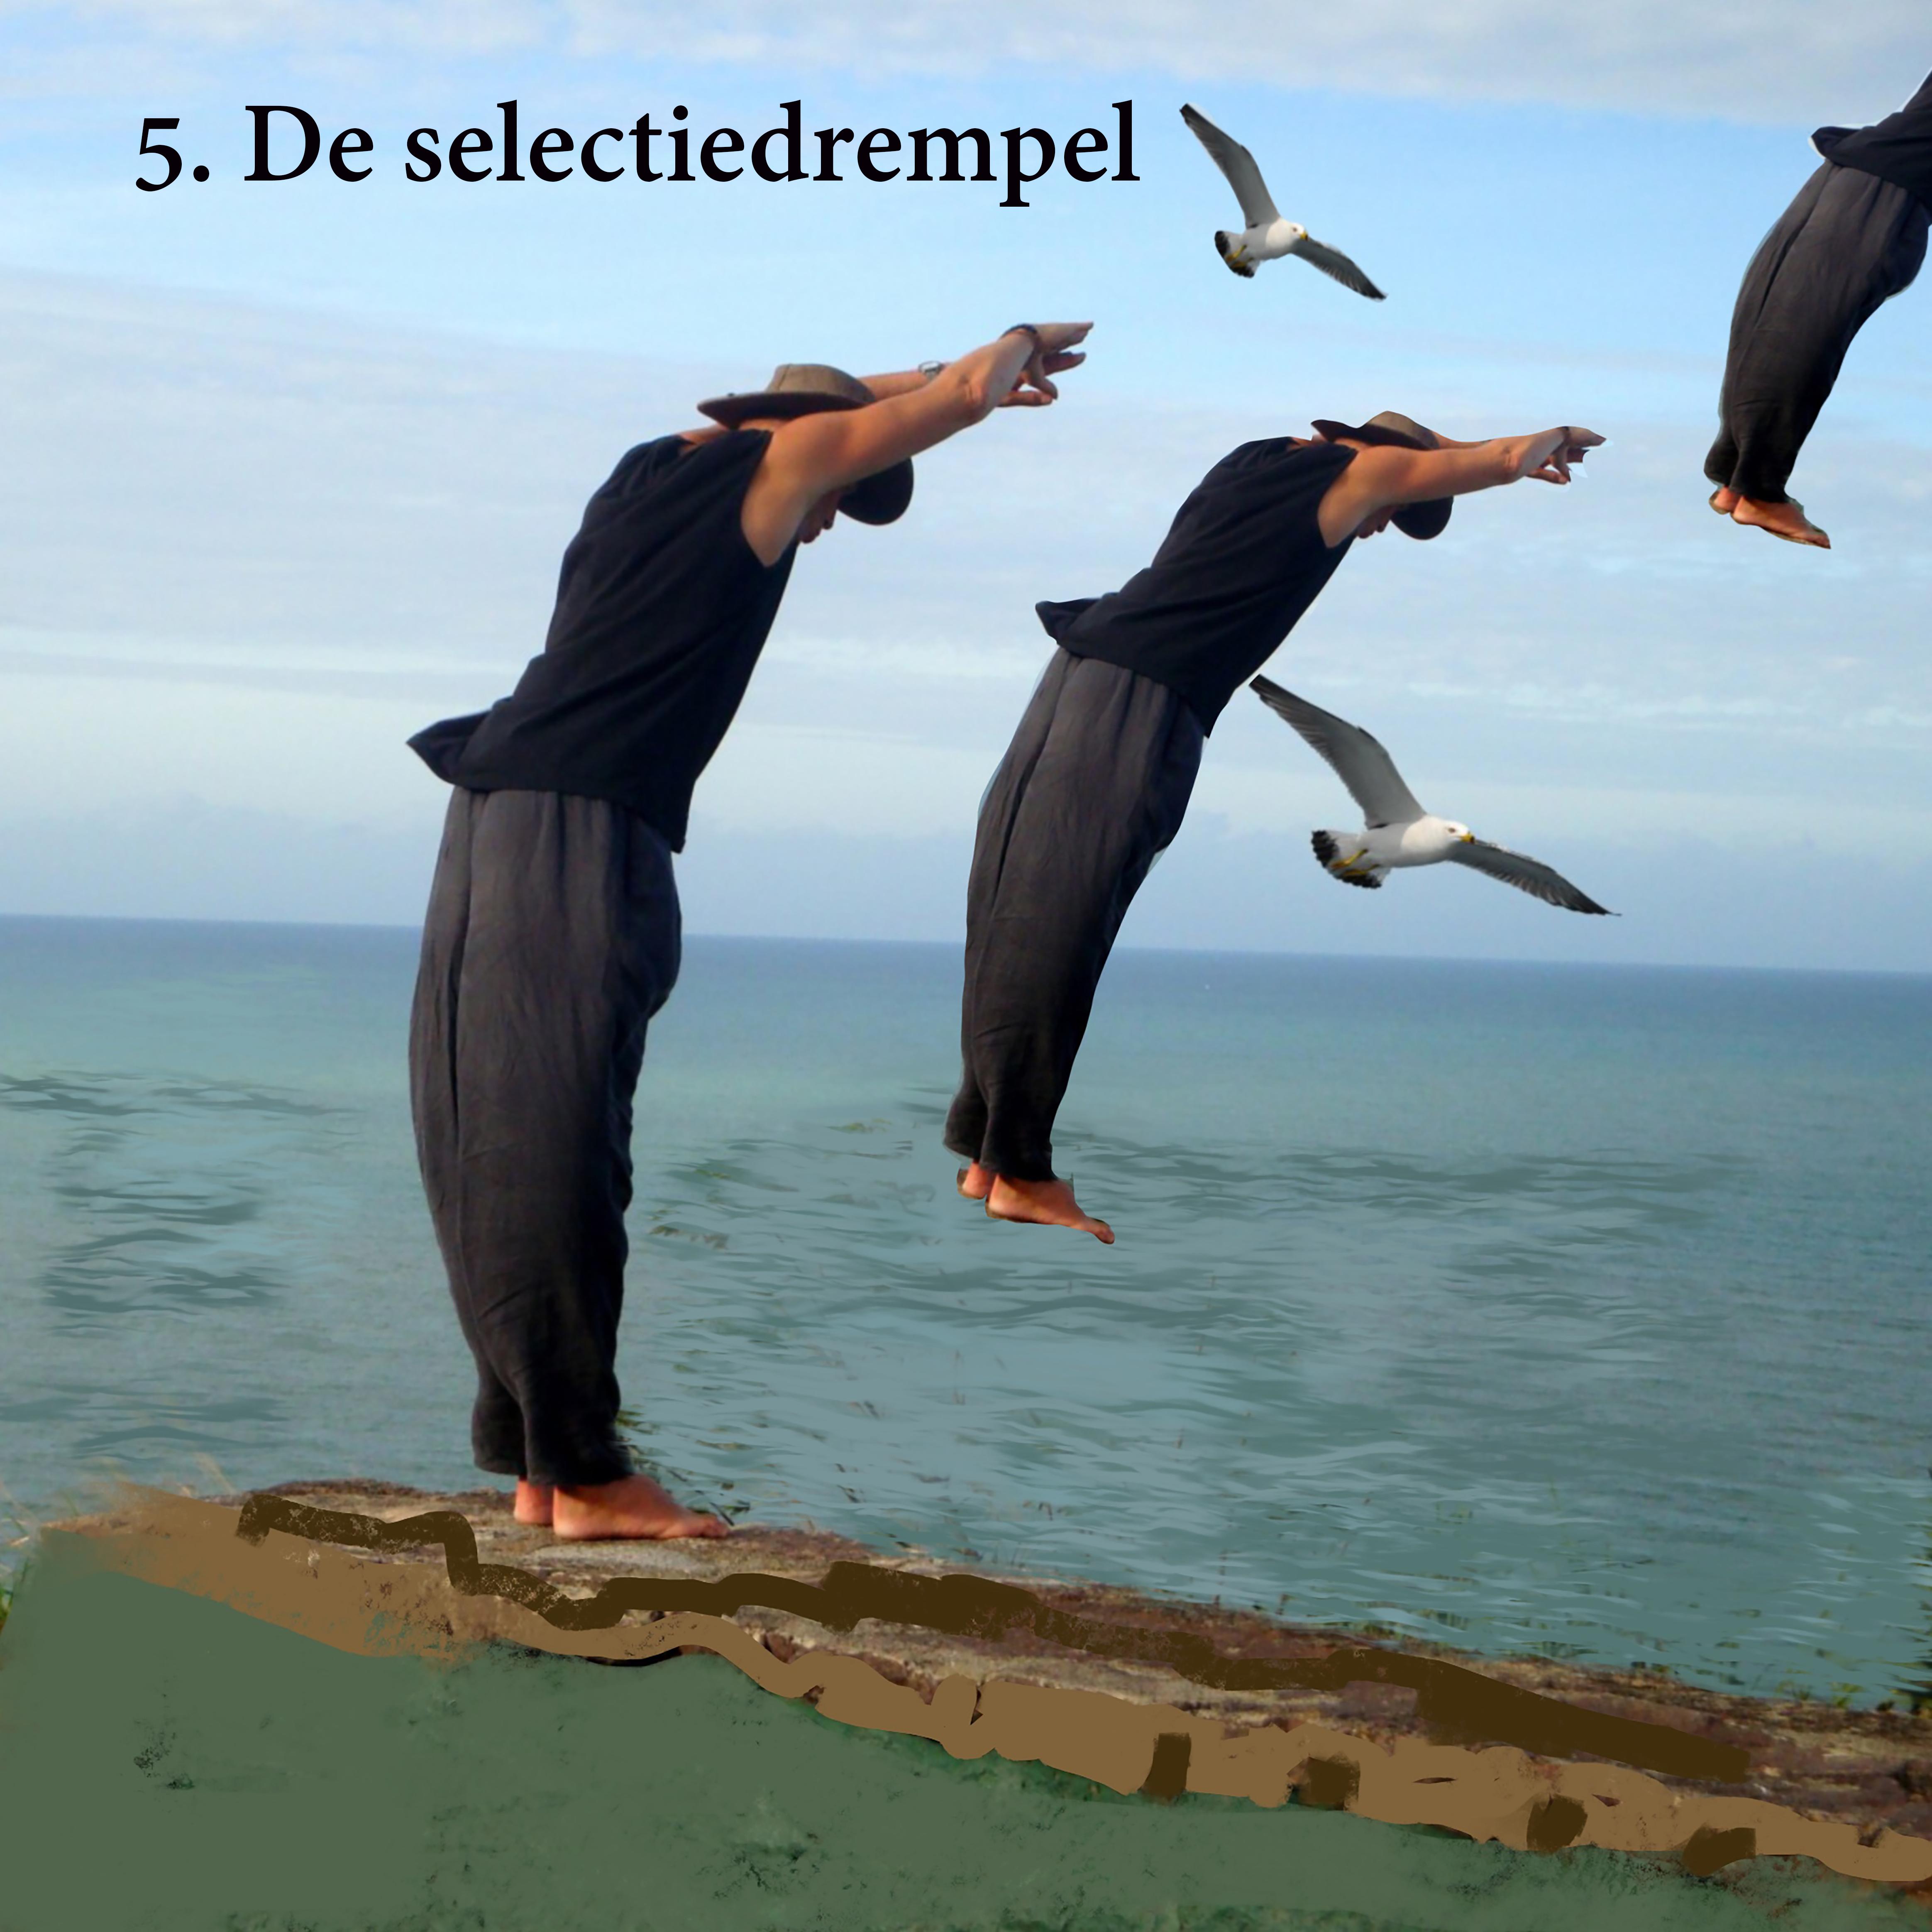 5.De selectiedrempel